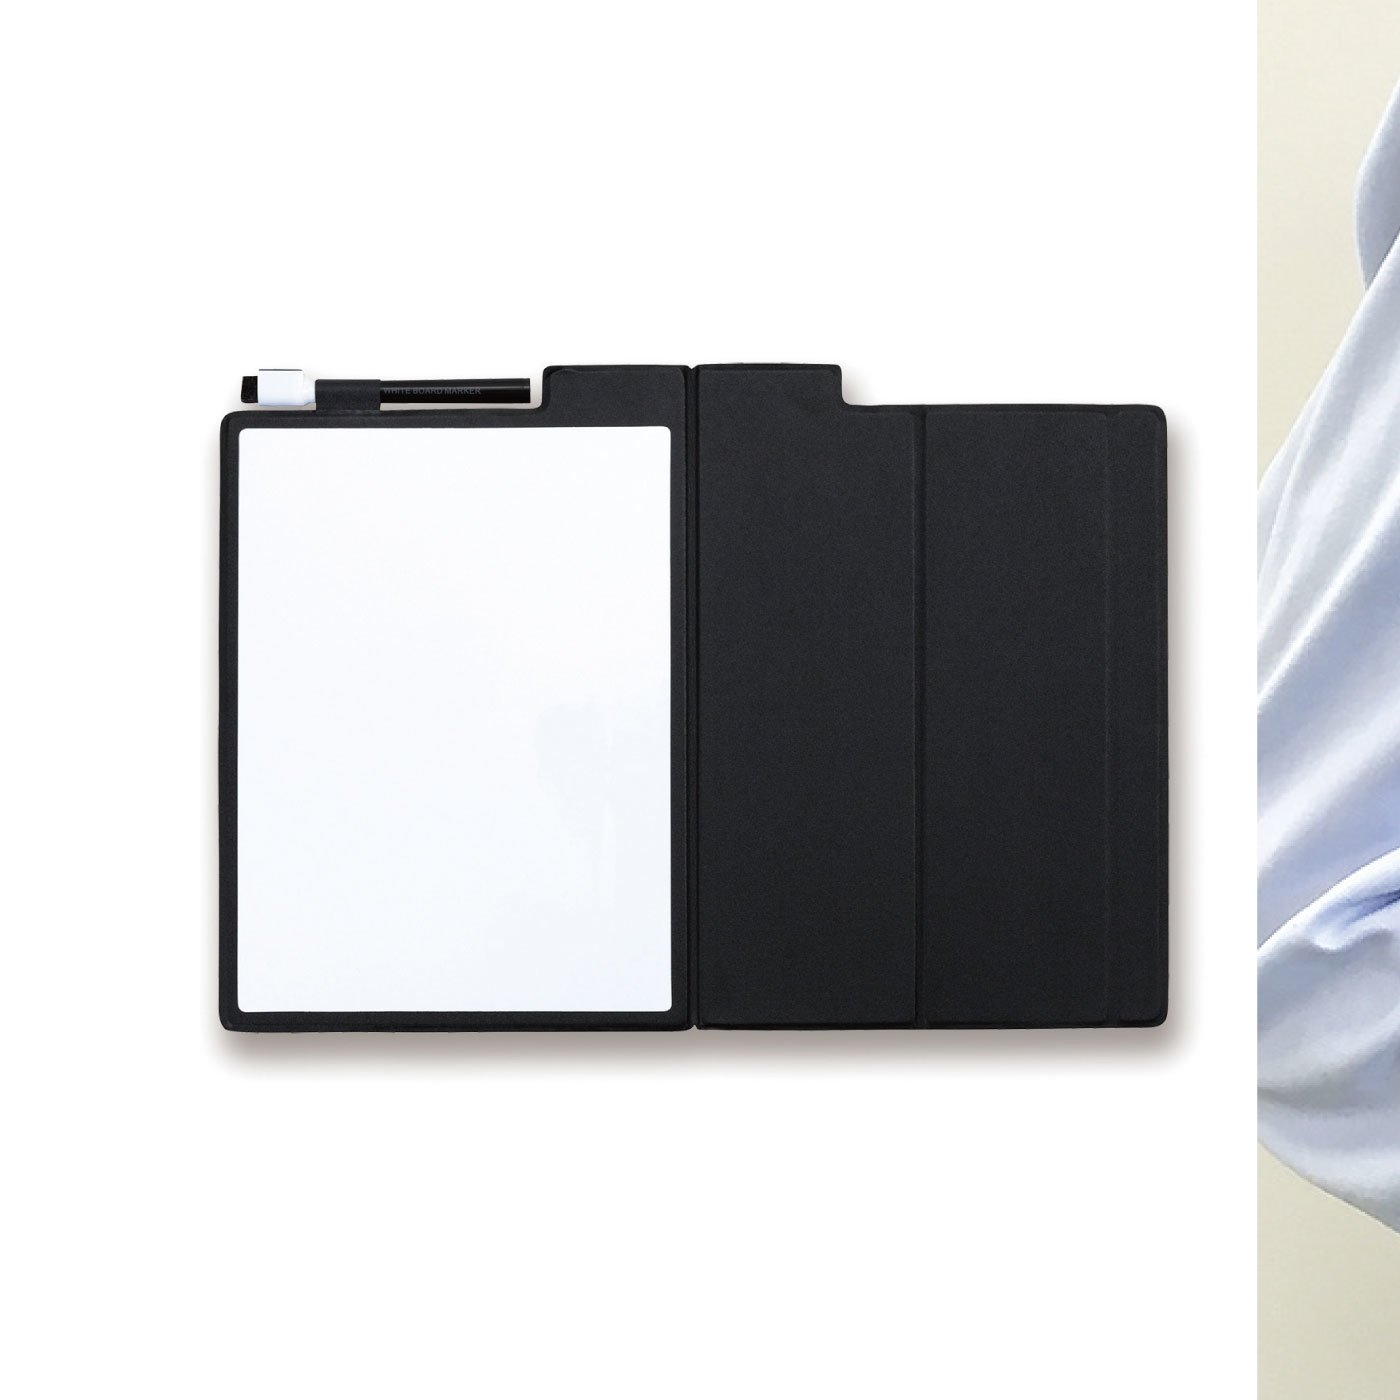 カバーを閉じて持ち運べる モバイルホワイトボード